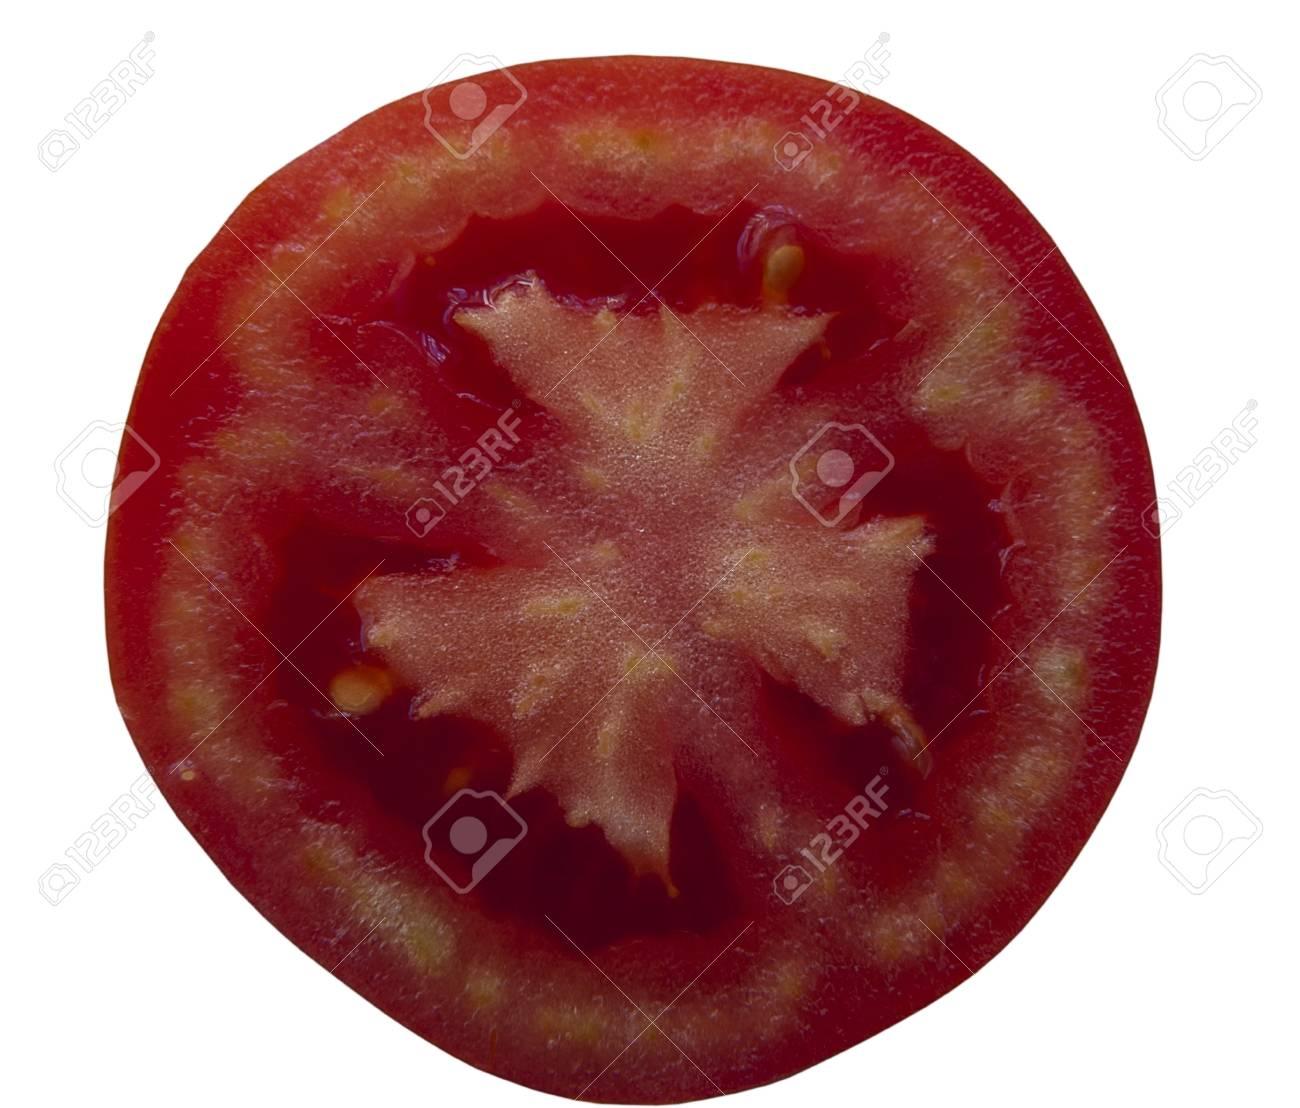 half a tomato on a white background Stock Photo - 14805589